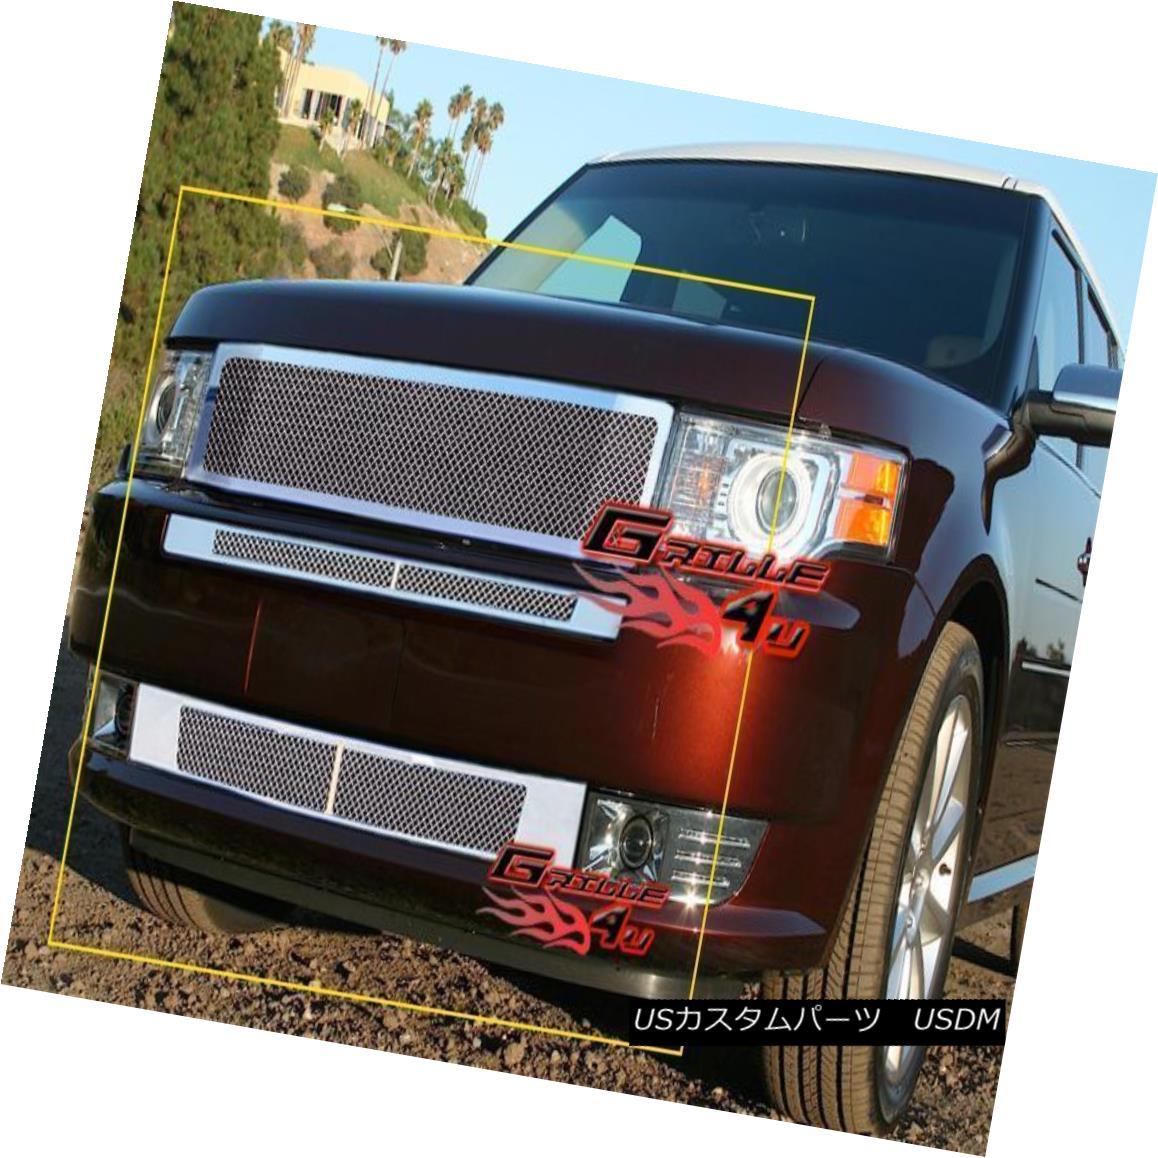 グリル Fits 2009-2012 Ford Flex Stainless Steel Mesh Grille Grill Combo Insert フィット2009-2012フォードフレックスステンレスメッシュグリルグリルコンボインサート